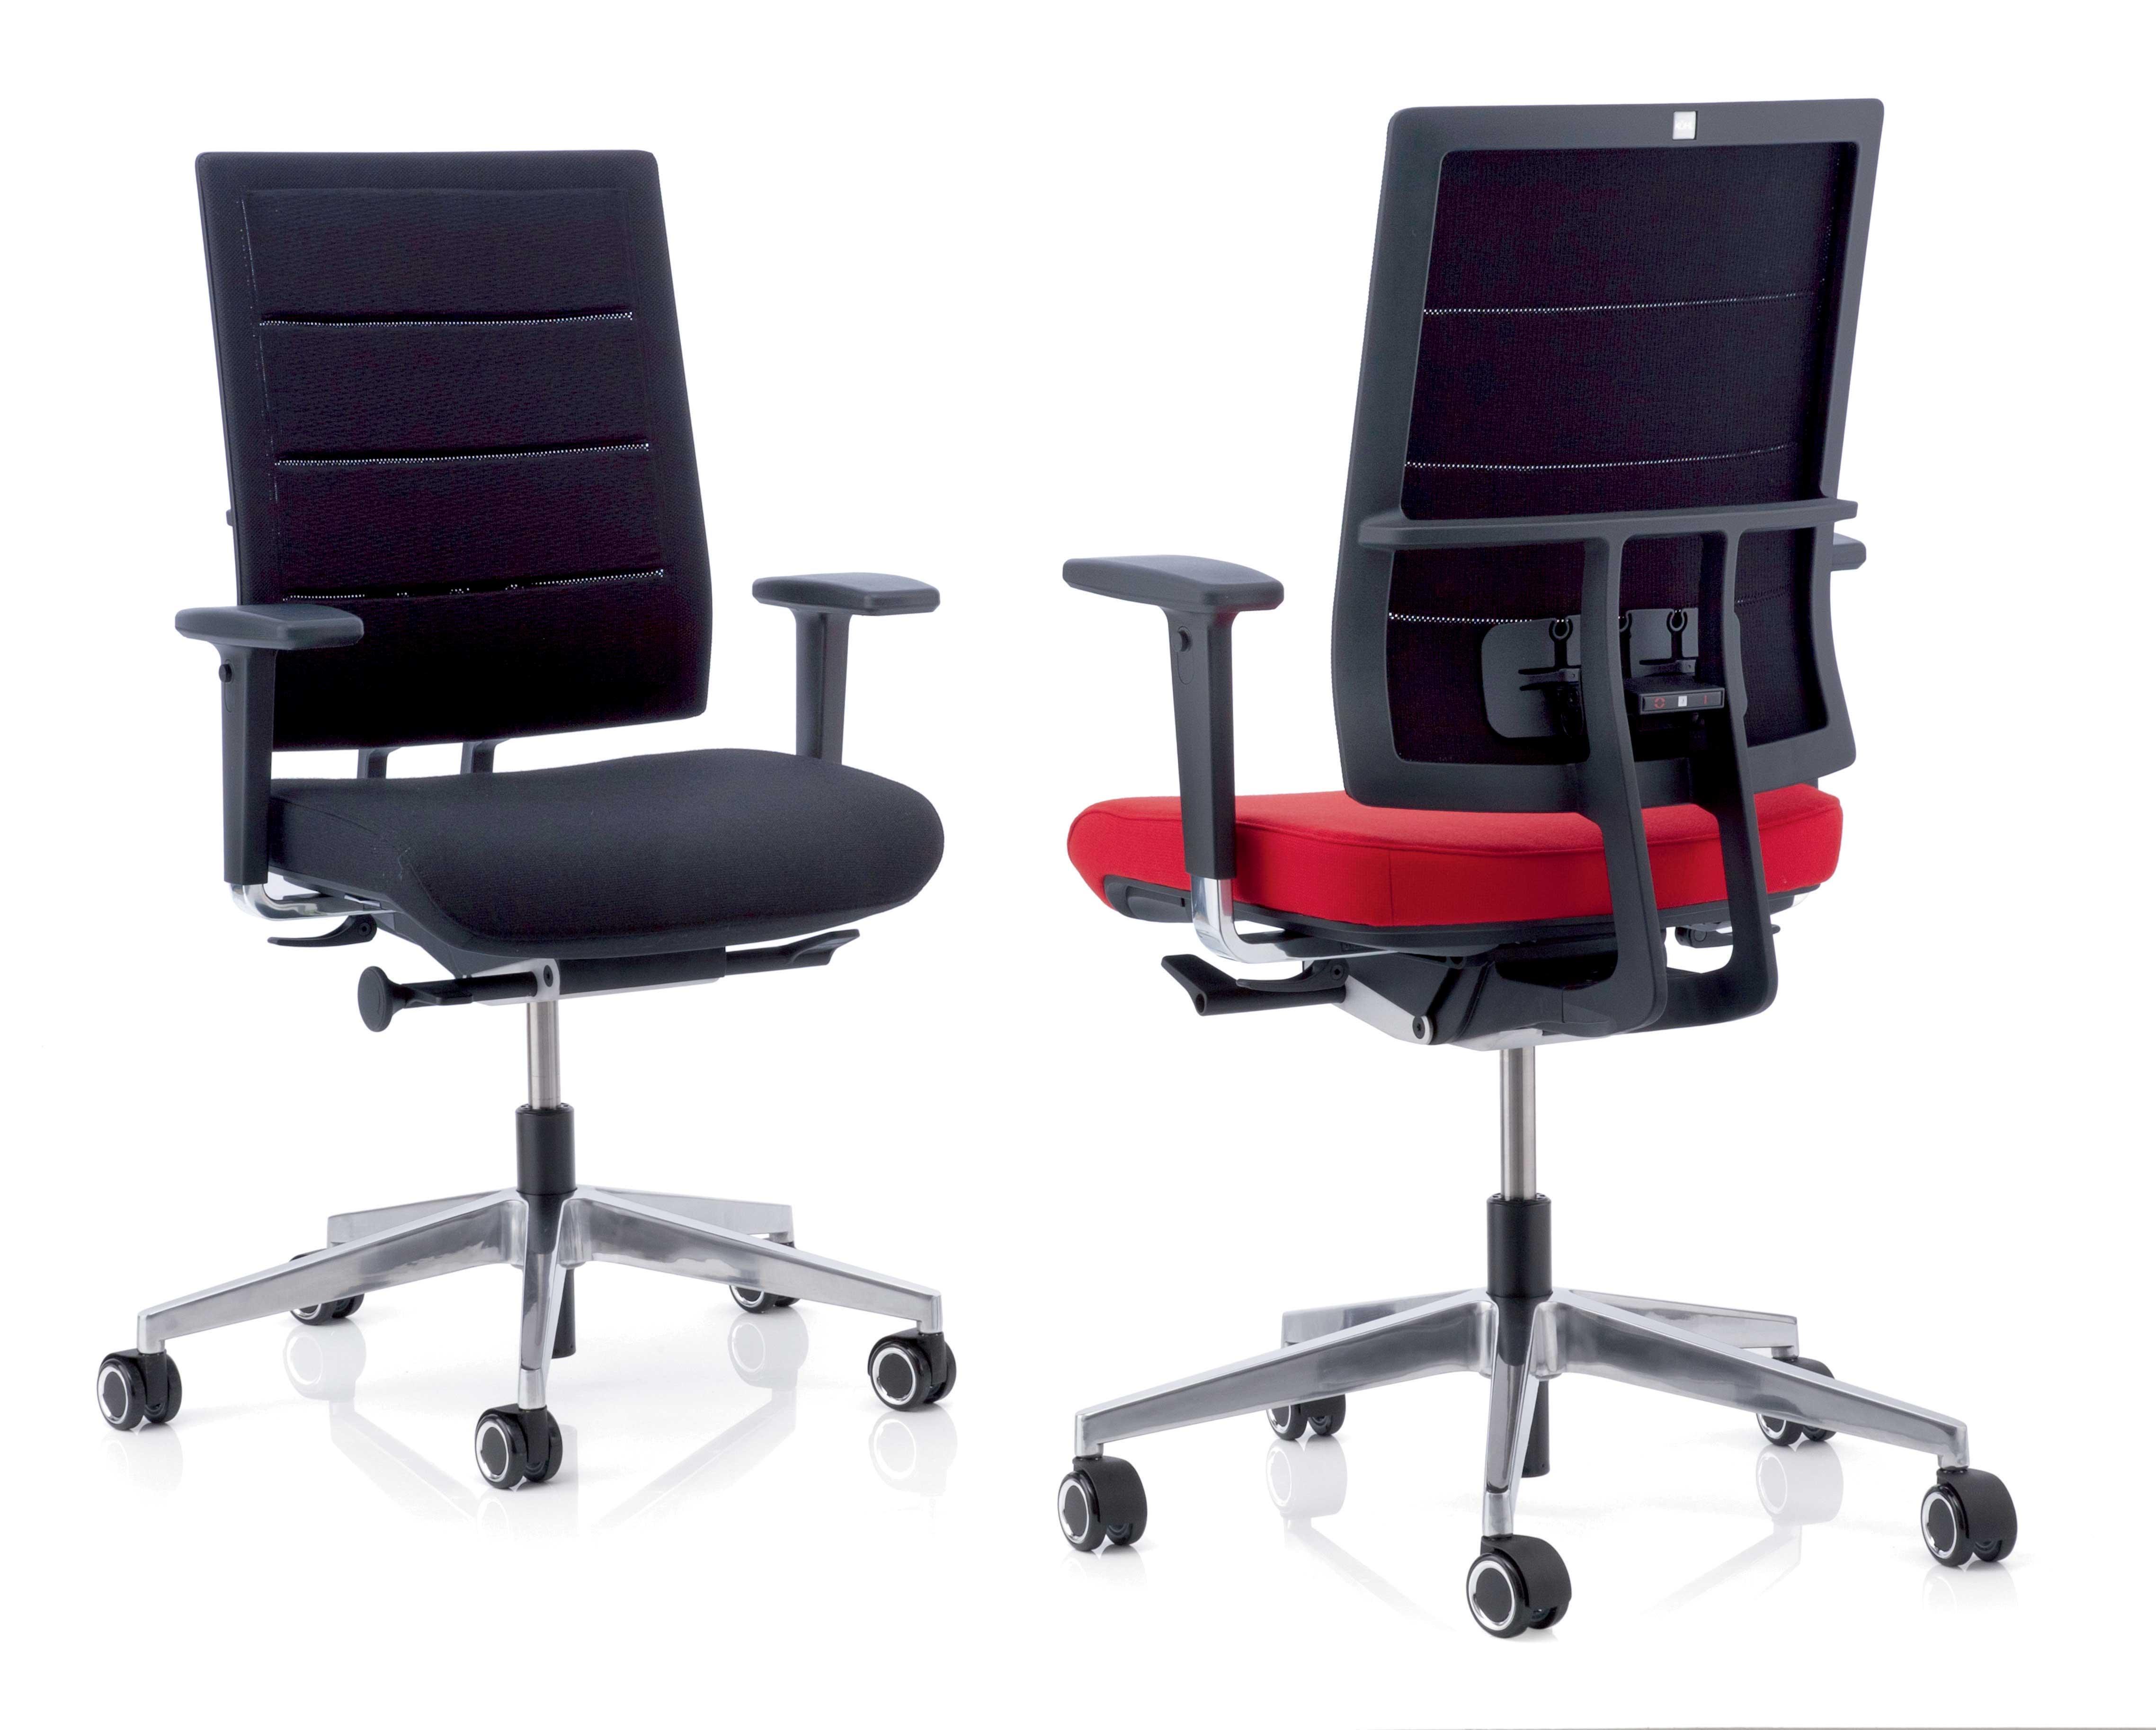 Köhl Anteo der ergonomische Bürodrehstuhl ausgezeichnet hier anteo tube polster und anteo network